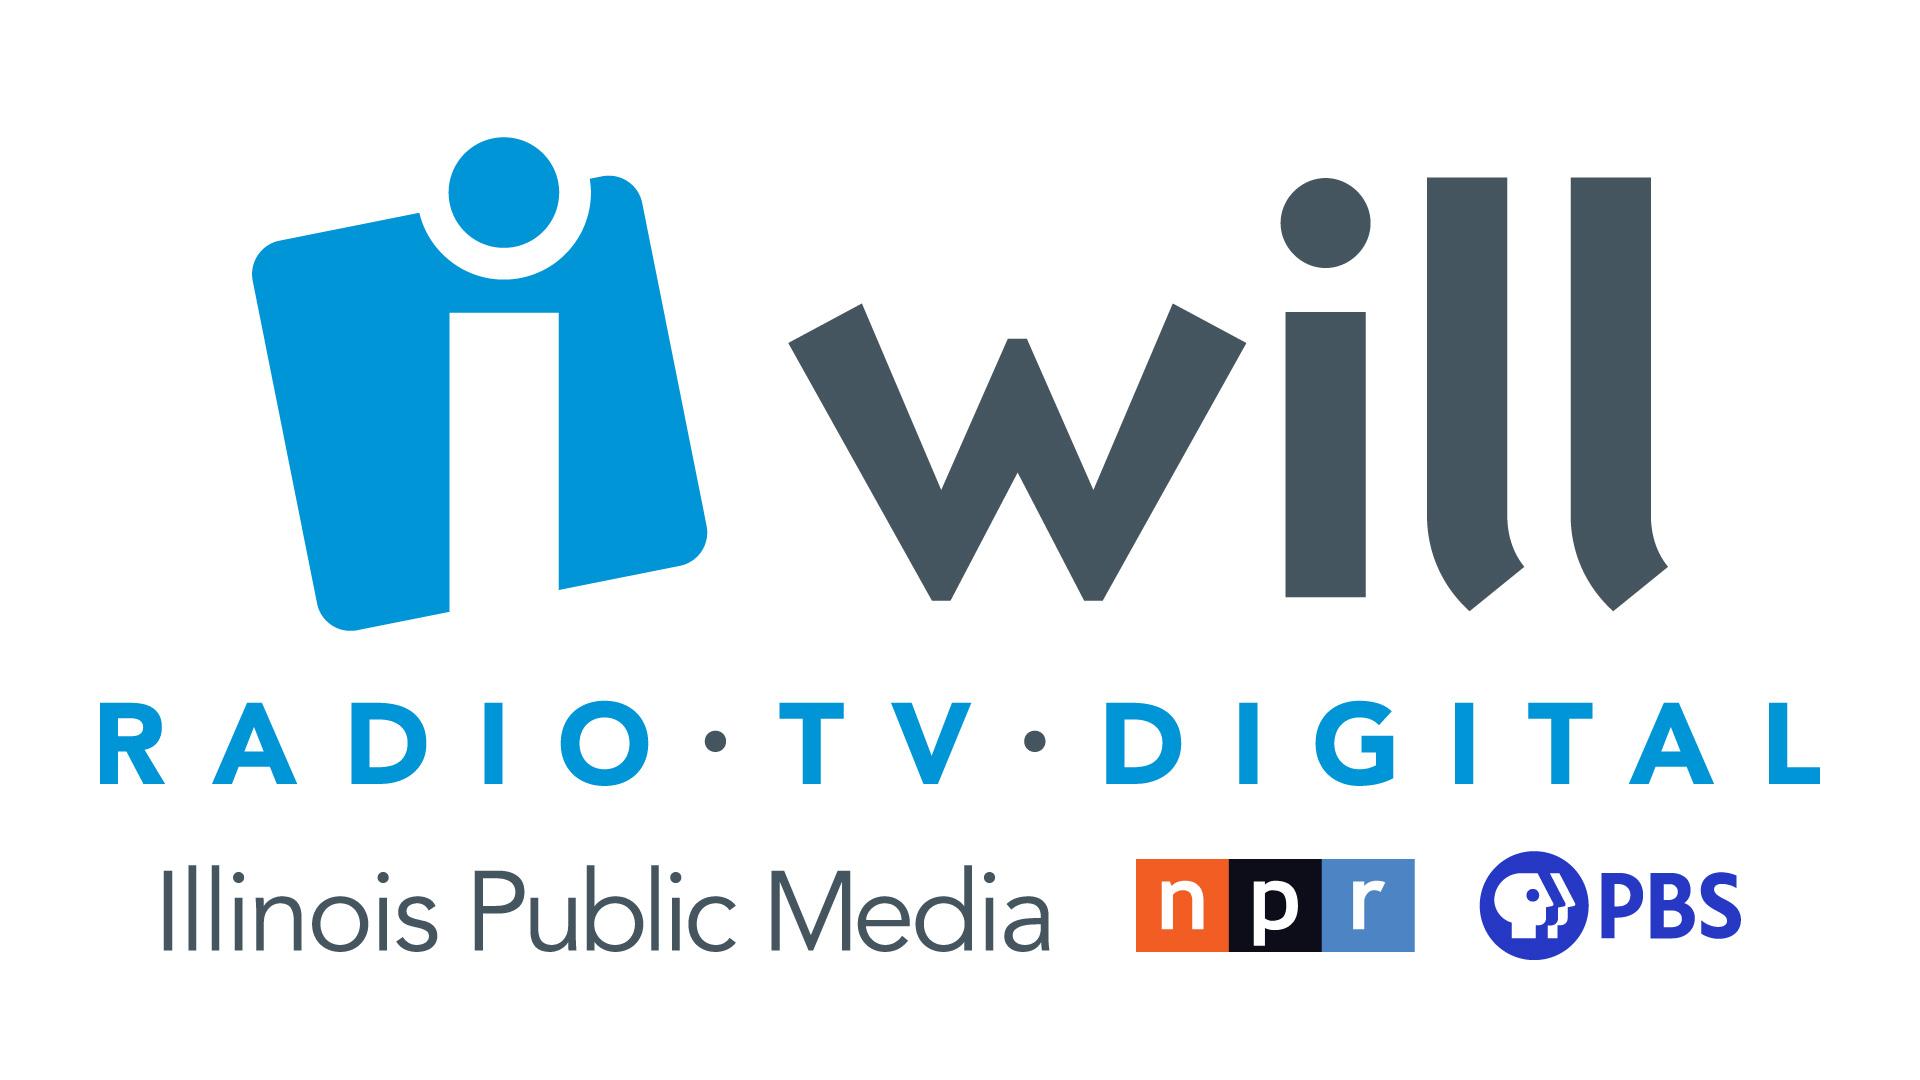 Illinois Public Media - University of Illinois